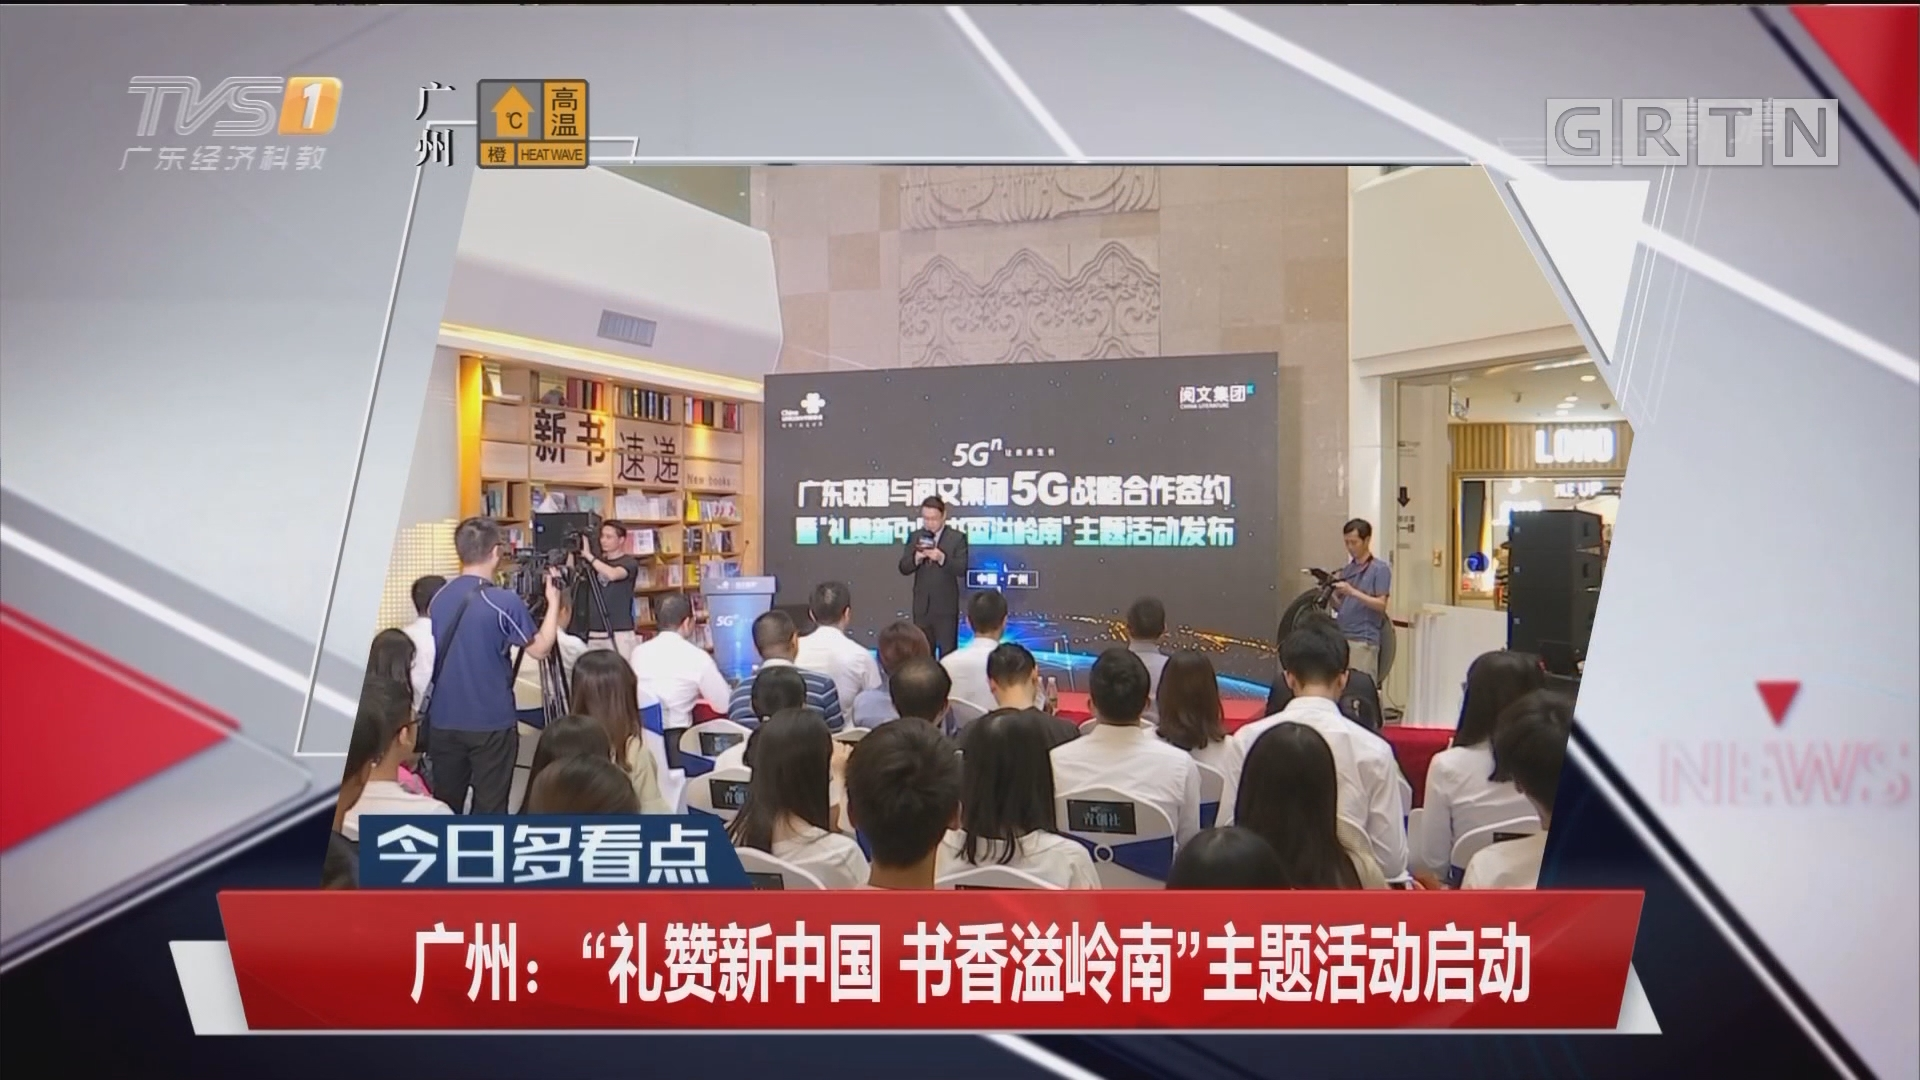 """广州:""""礼赞新中国 书香溢岭南""""主题活动启动"""